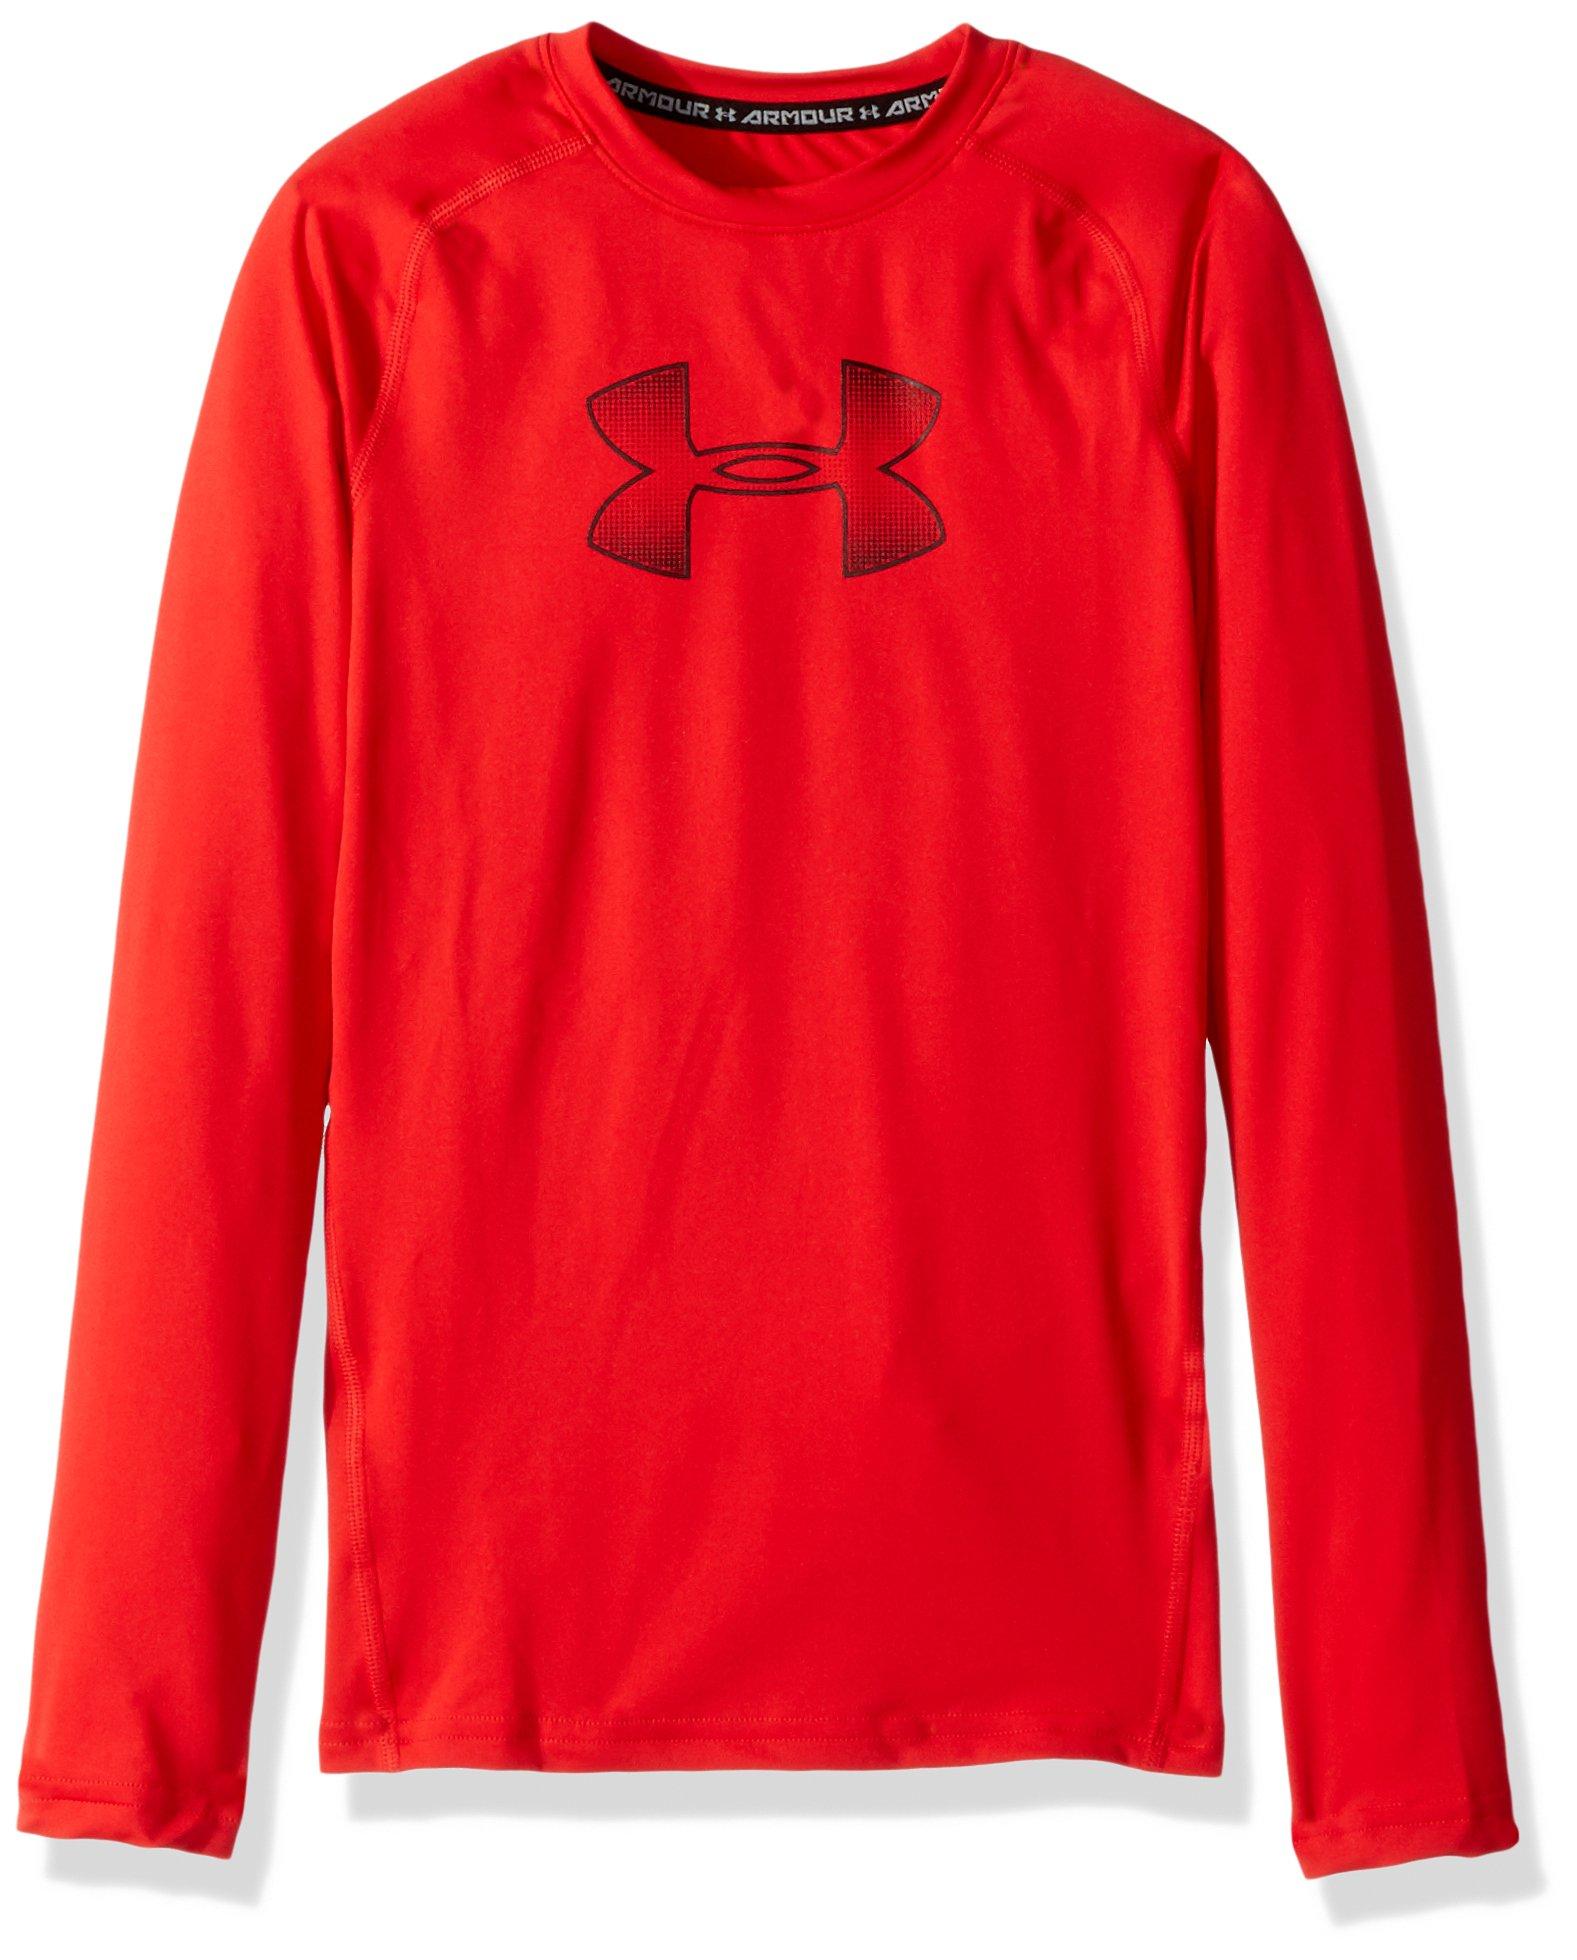 Under Armour Boys' HeatGear Armour Long Sleeve, Red (601)/Black, Youth X-Small